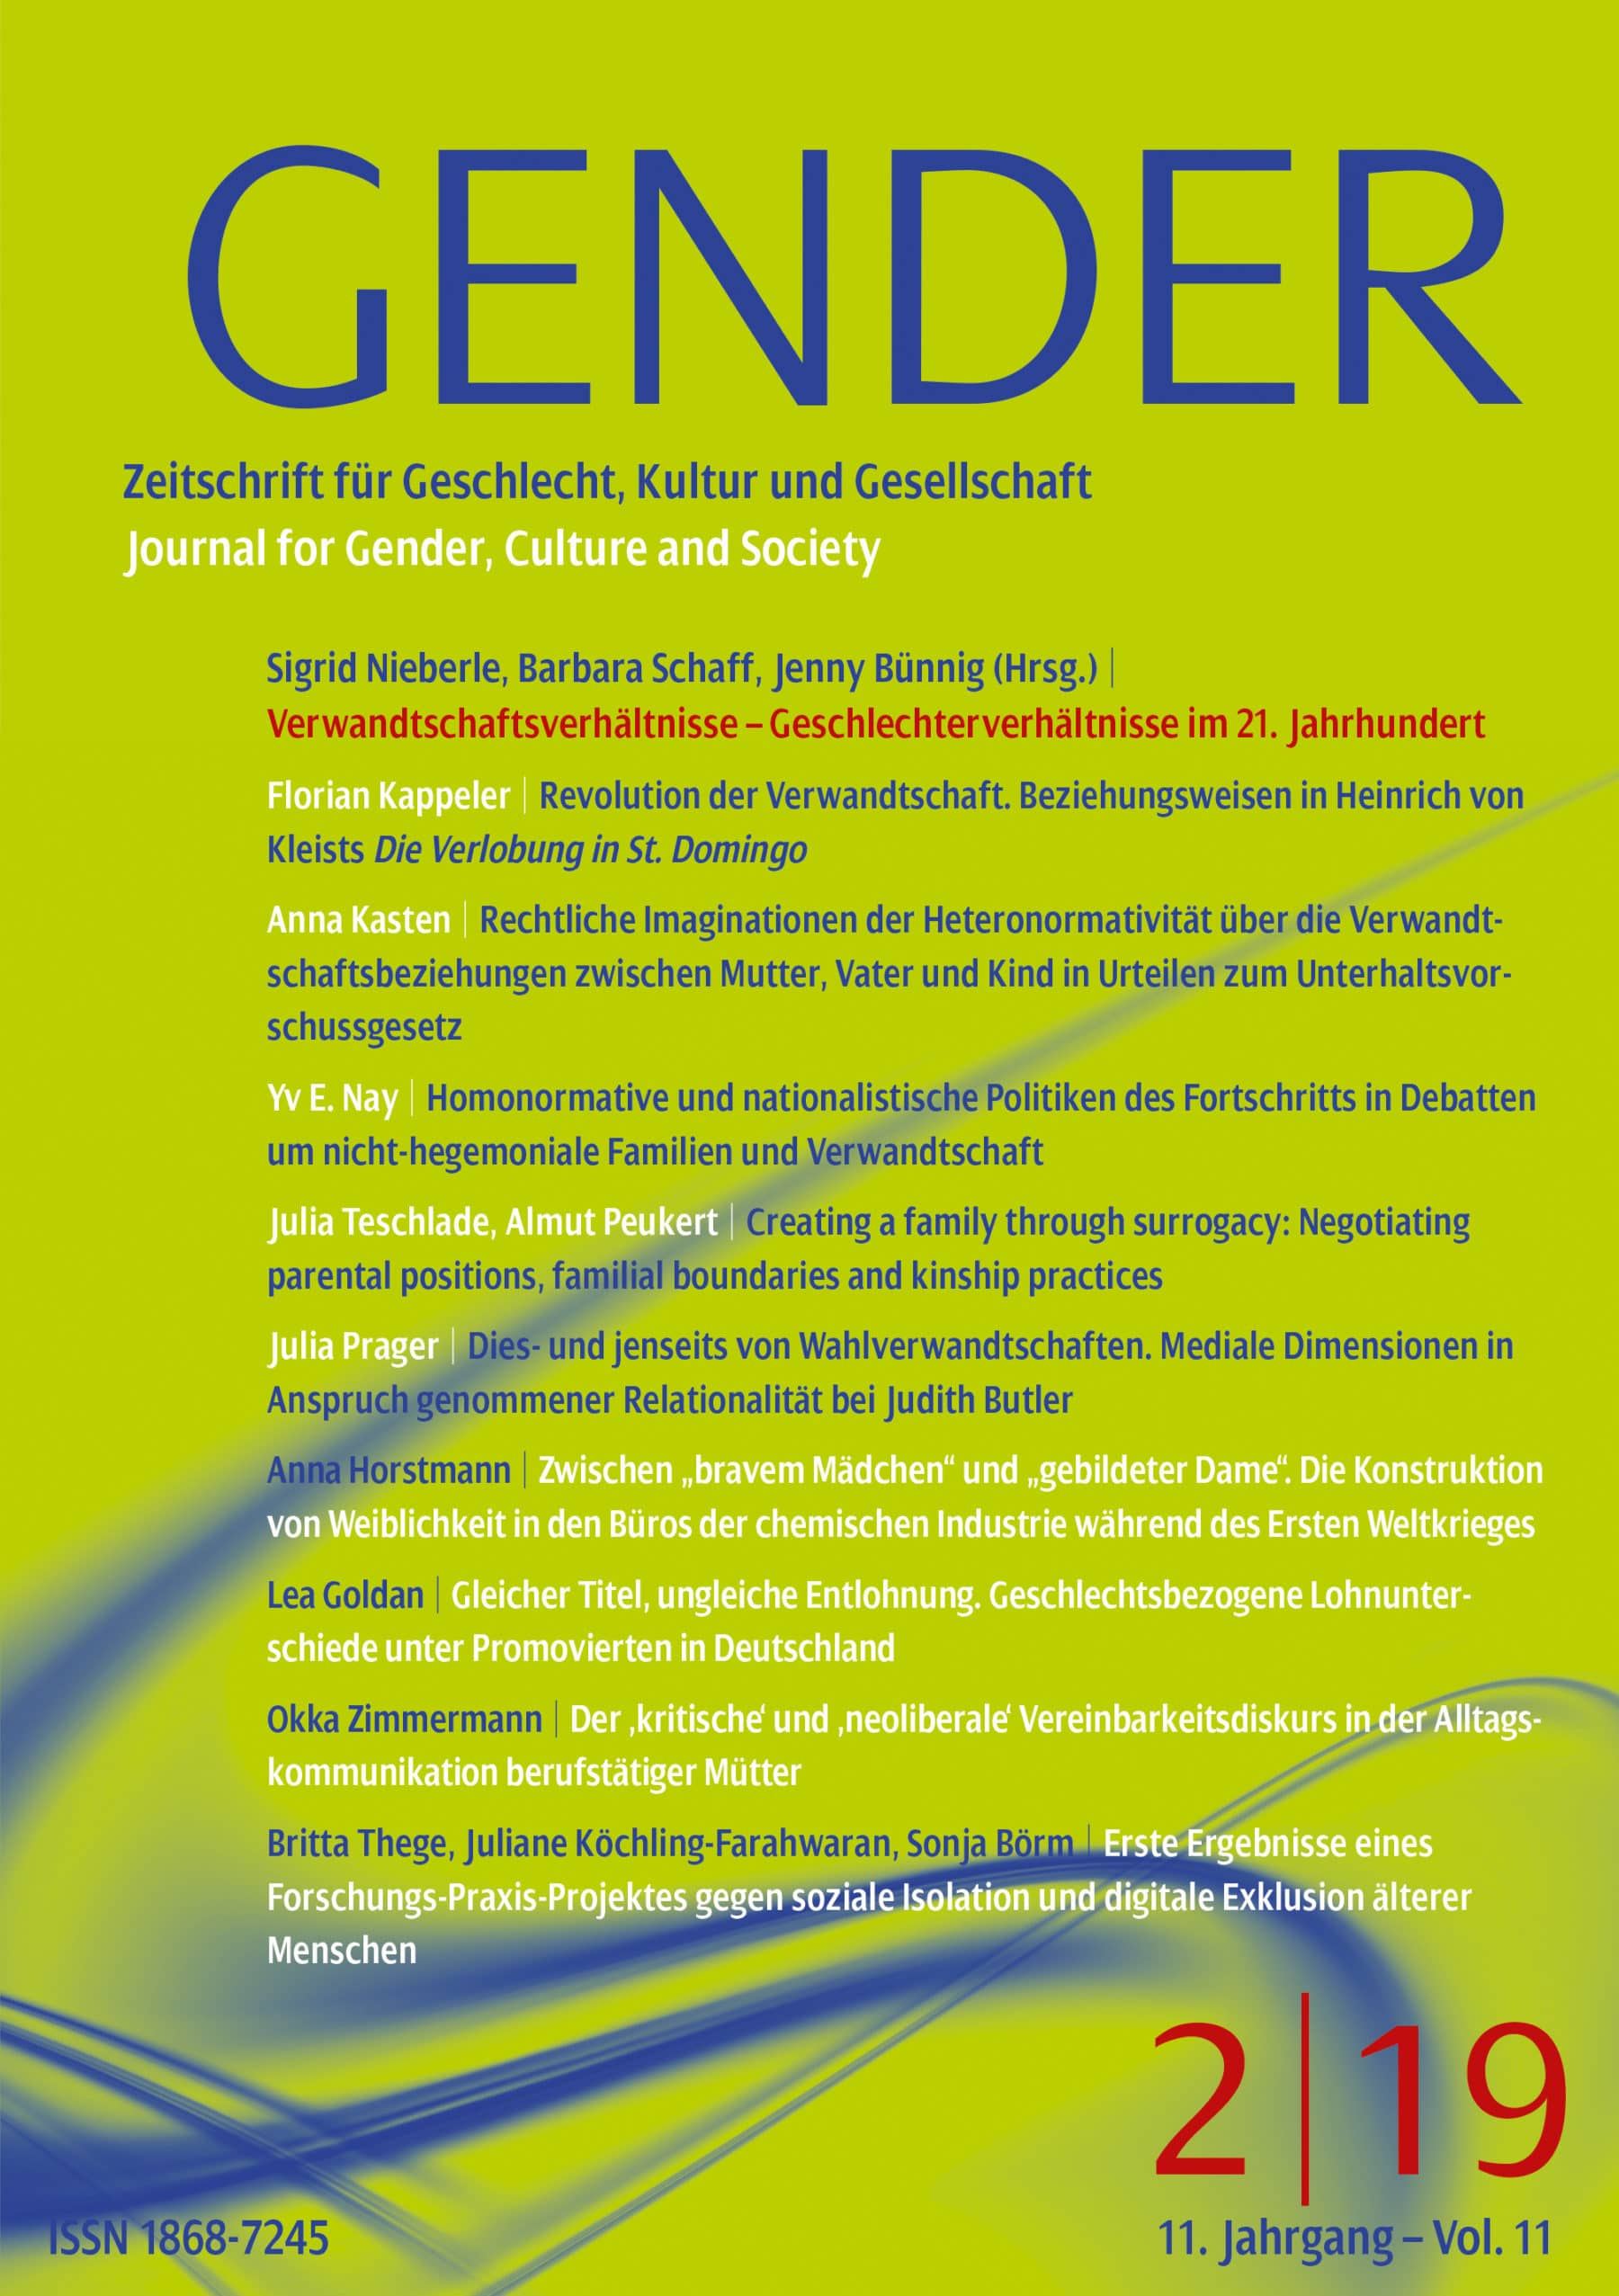 GENDER – Zeitschrift für Geschlecht, Kultur und Gesellschaft 2-2019: Verwandtschaftsverhältnisse – Geschlechterverhältnisse im 21. Jahrhundert